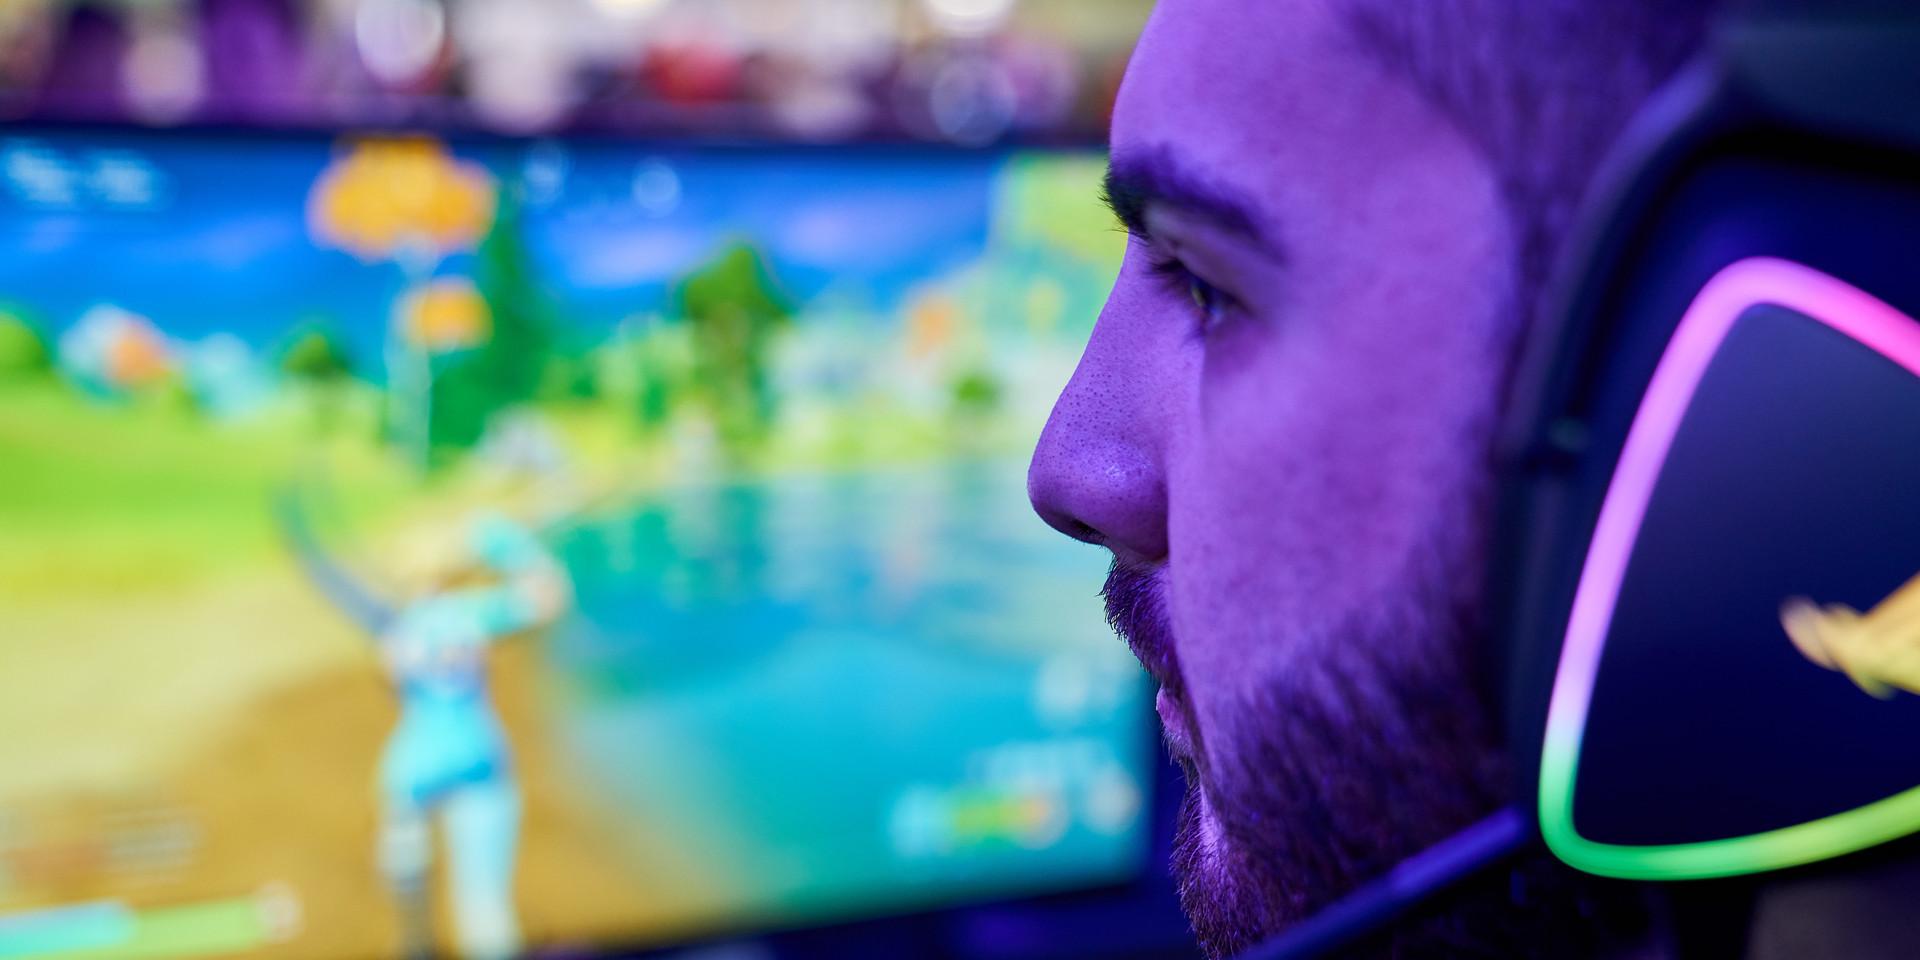 BAZA_FOTOGRAFÍA  Y VIDEO EVENTO NICEONEBARCELONA N1B REPUBLIC OF GAMERS GAMING EVENT_12